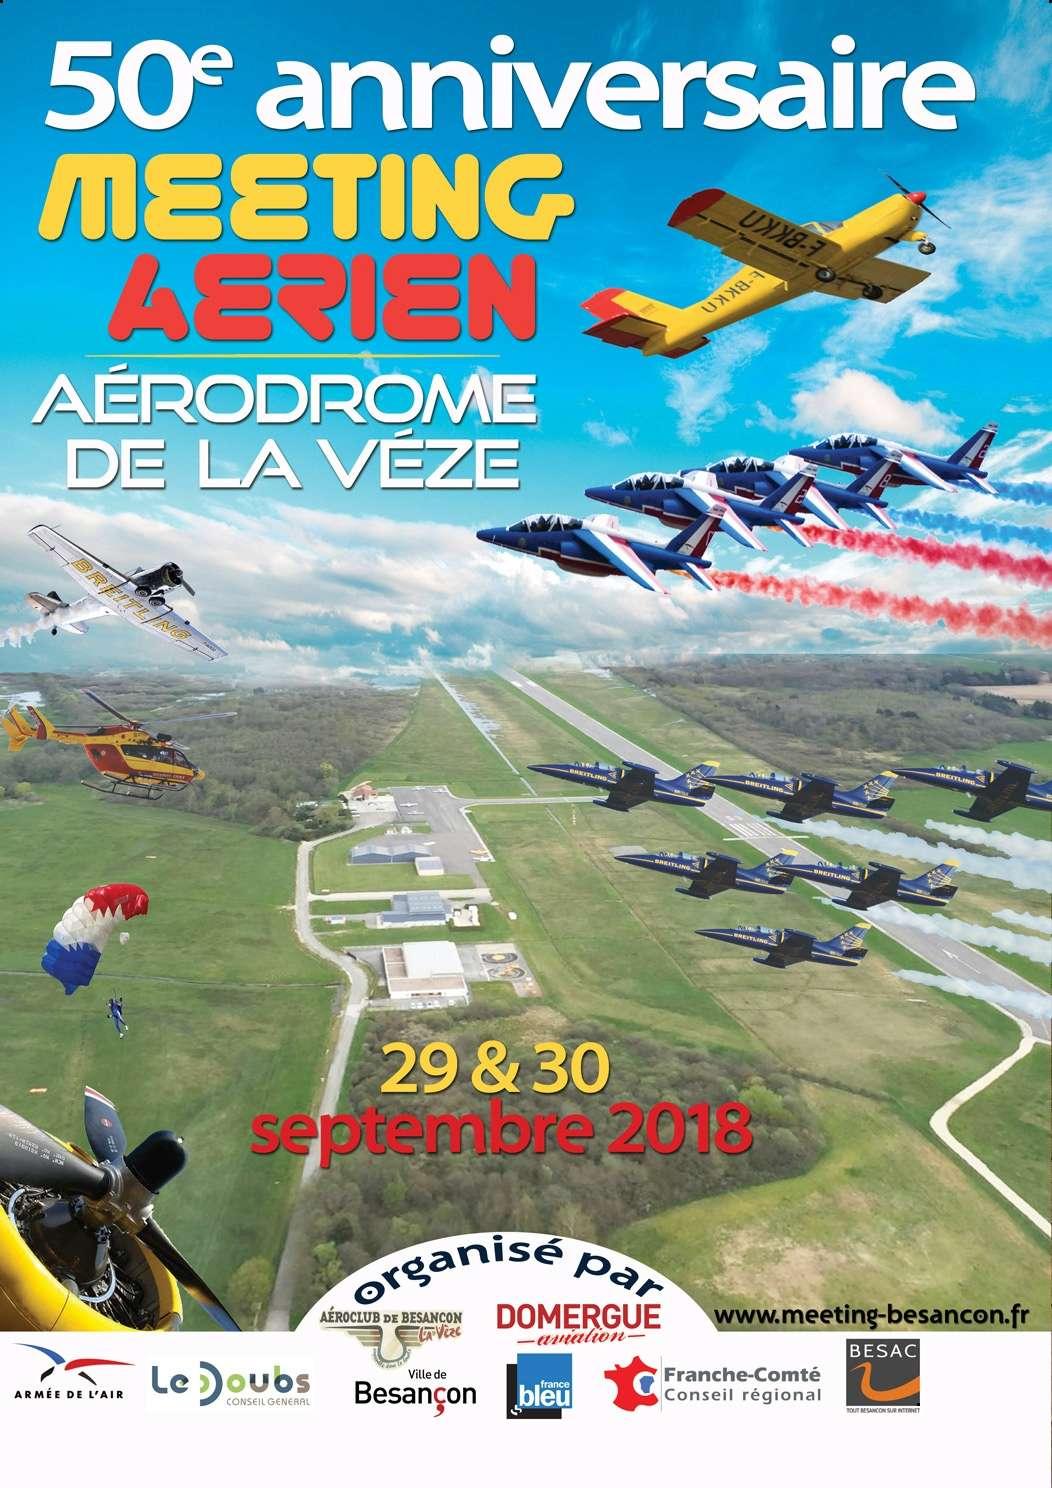 Meeting Aerien Besançon 2018 , 29 et 30 septembre 2018 , Aérodrome de la Vèze , patrouille de france 2018 , meeting aerien 2018